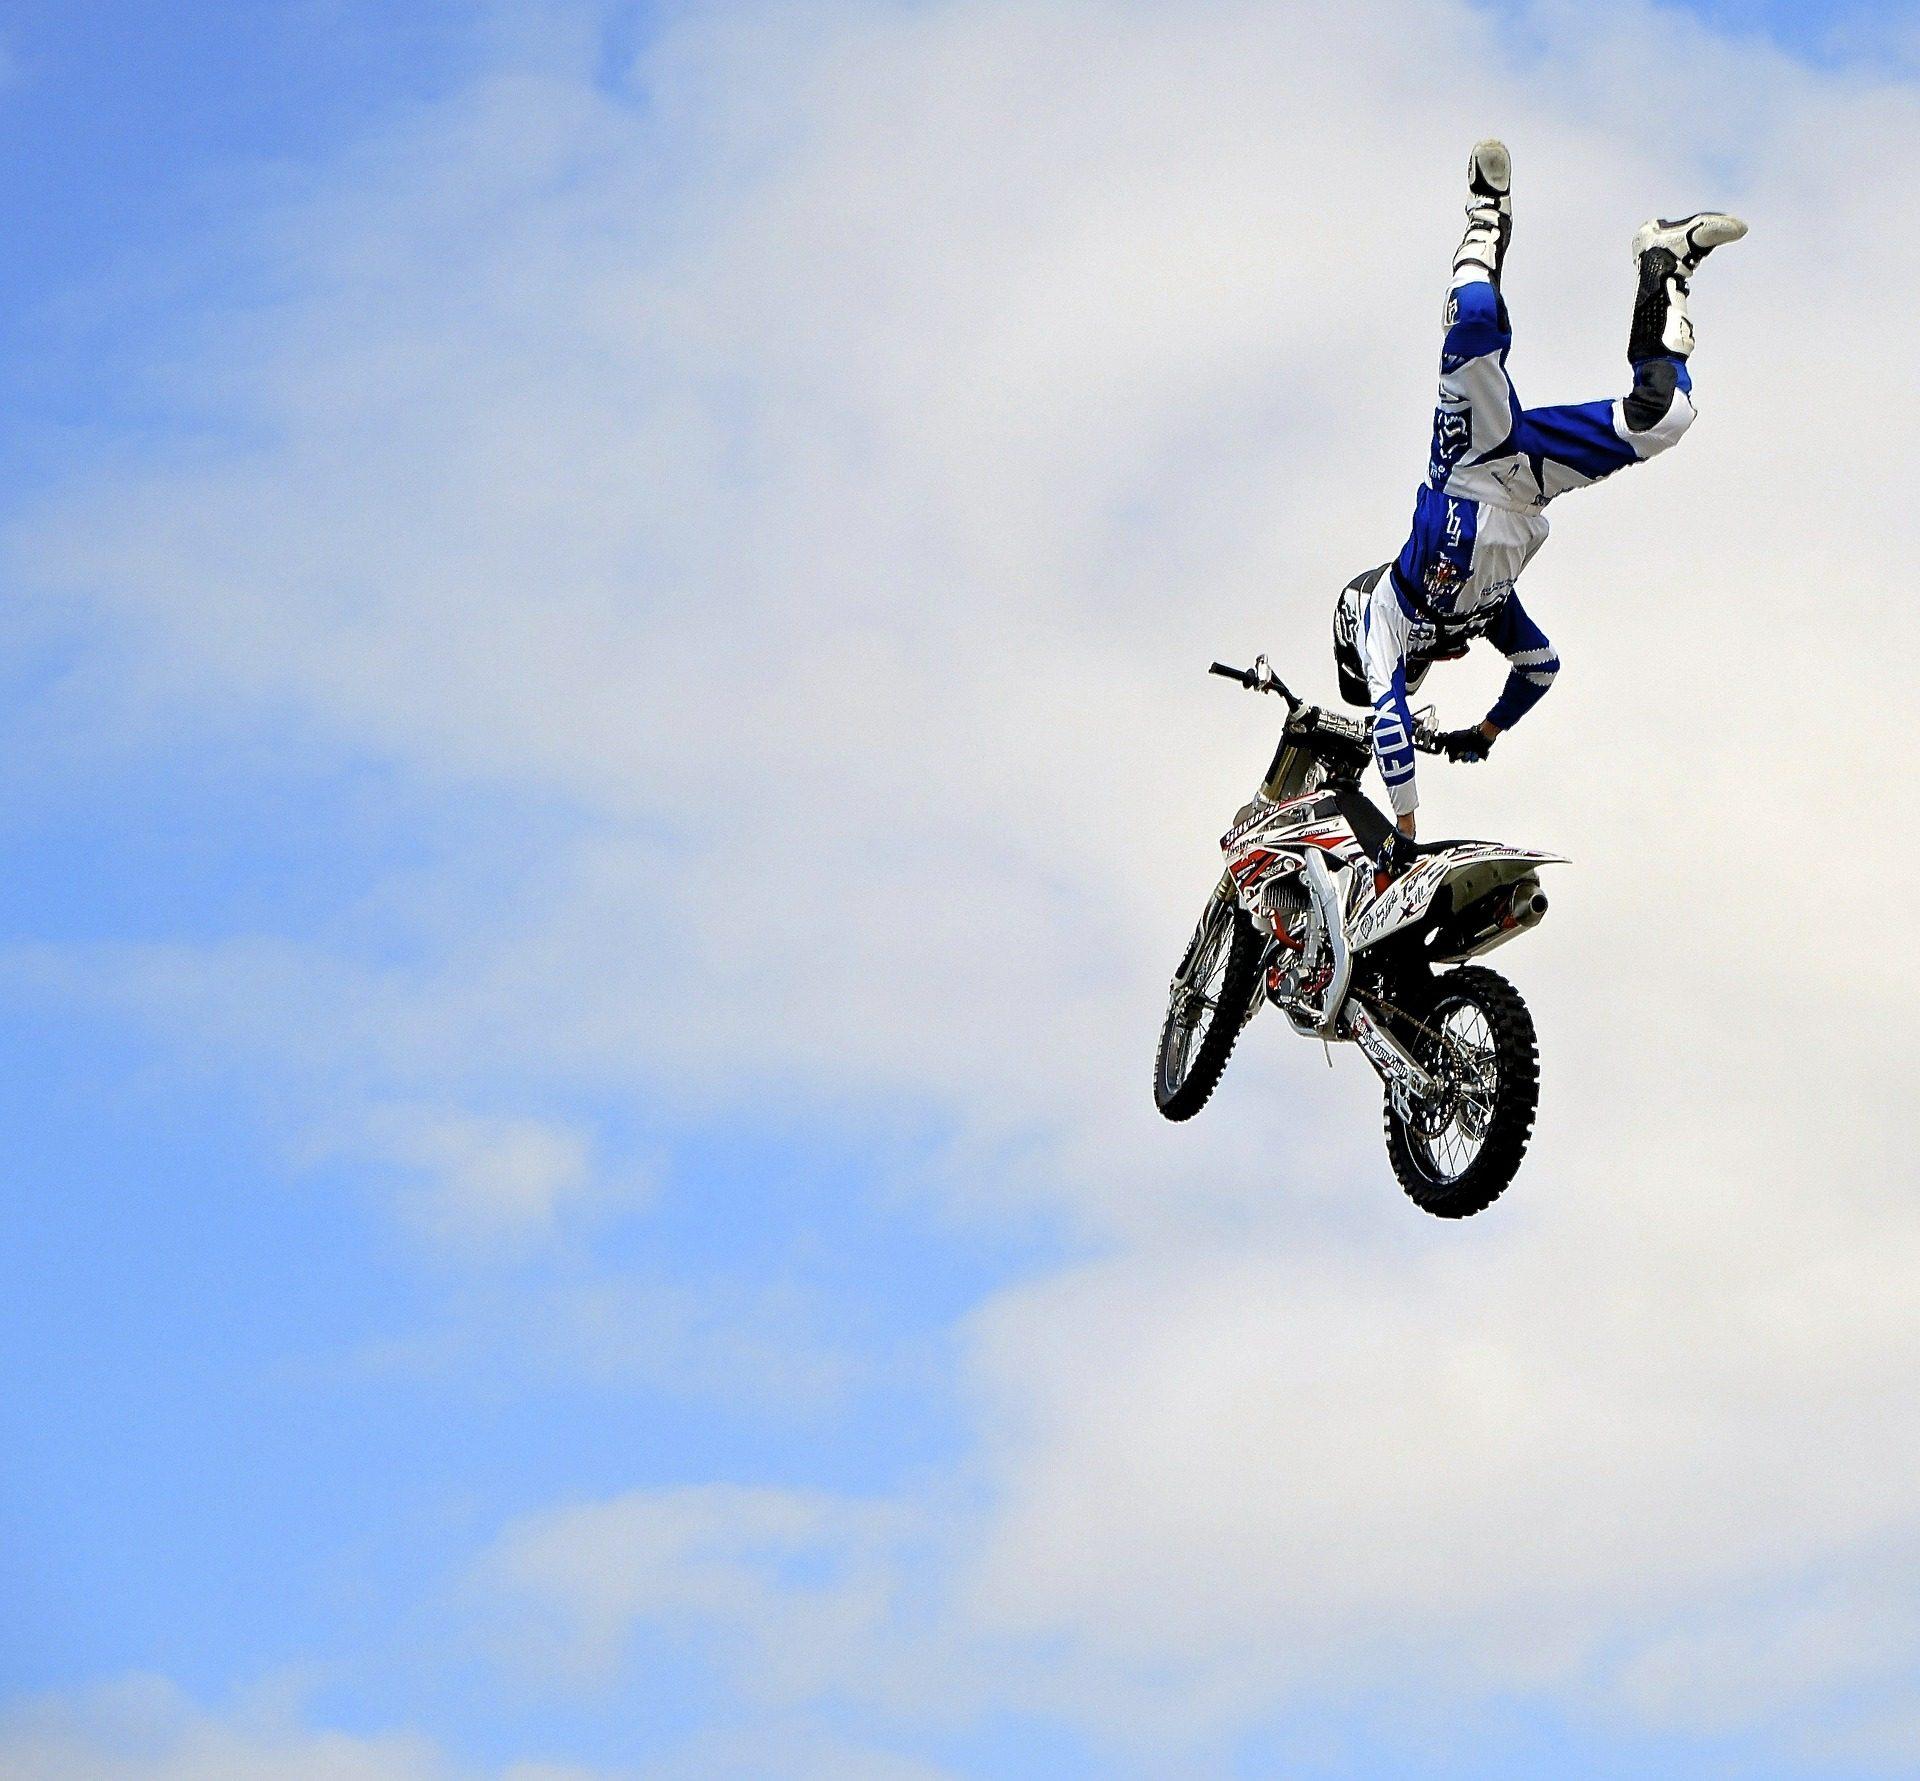 moto, Motocross, salto, risco, perigo, ação - Papéis de parede HD - Professor-falken.com